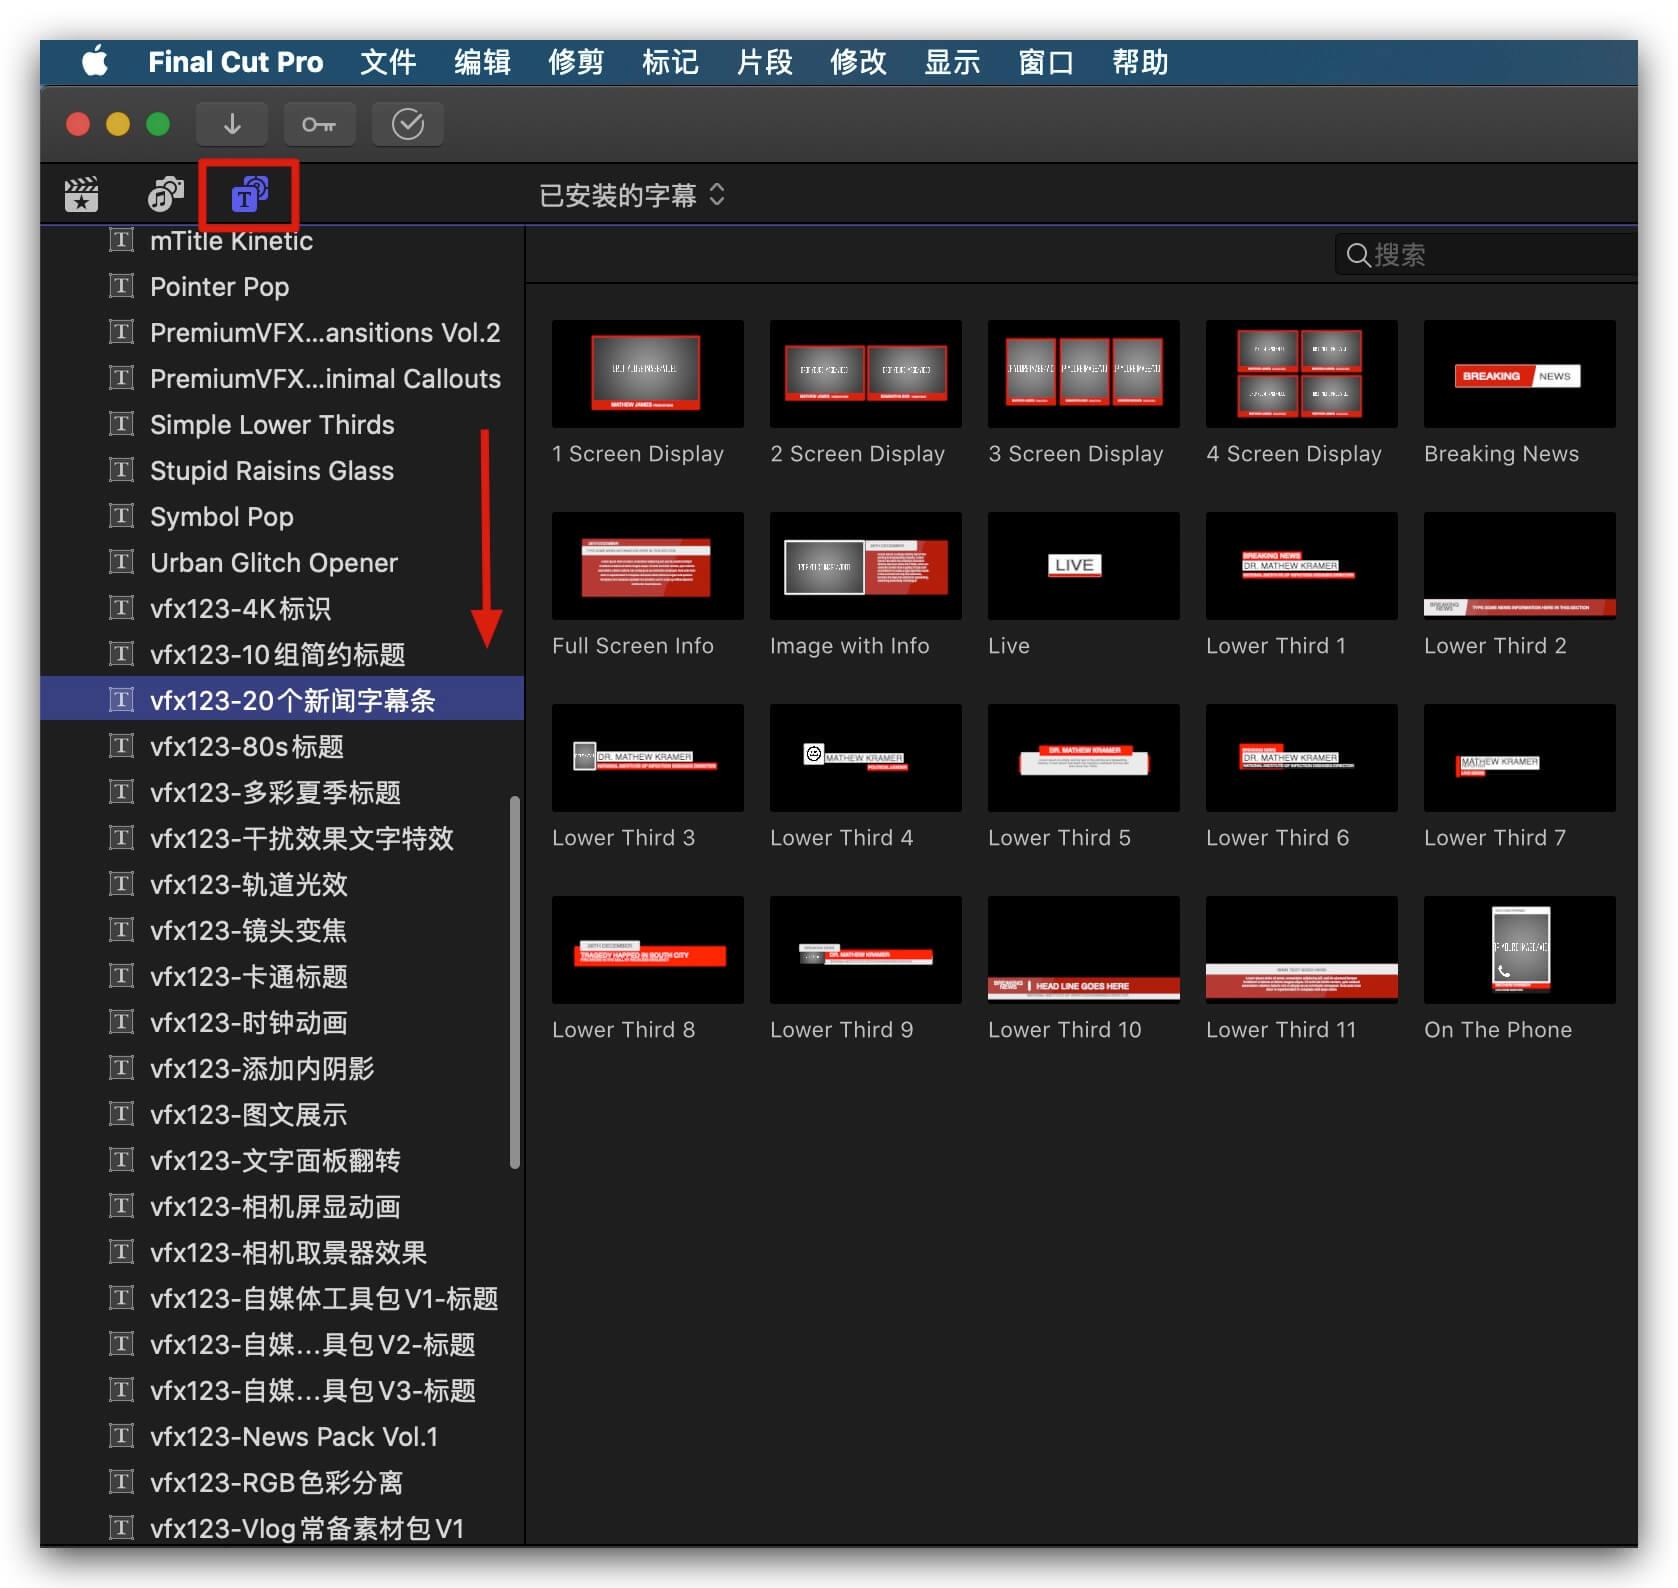 fcpx插件 20组新闻栏目字幕条多方连线视频框信息板等 News Lower Thirds